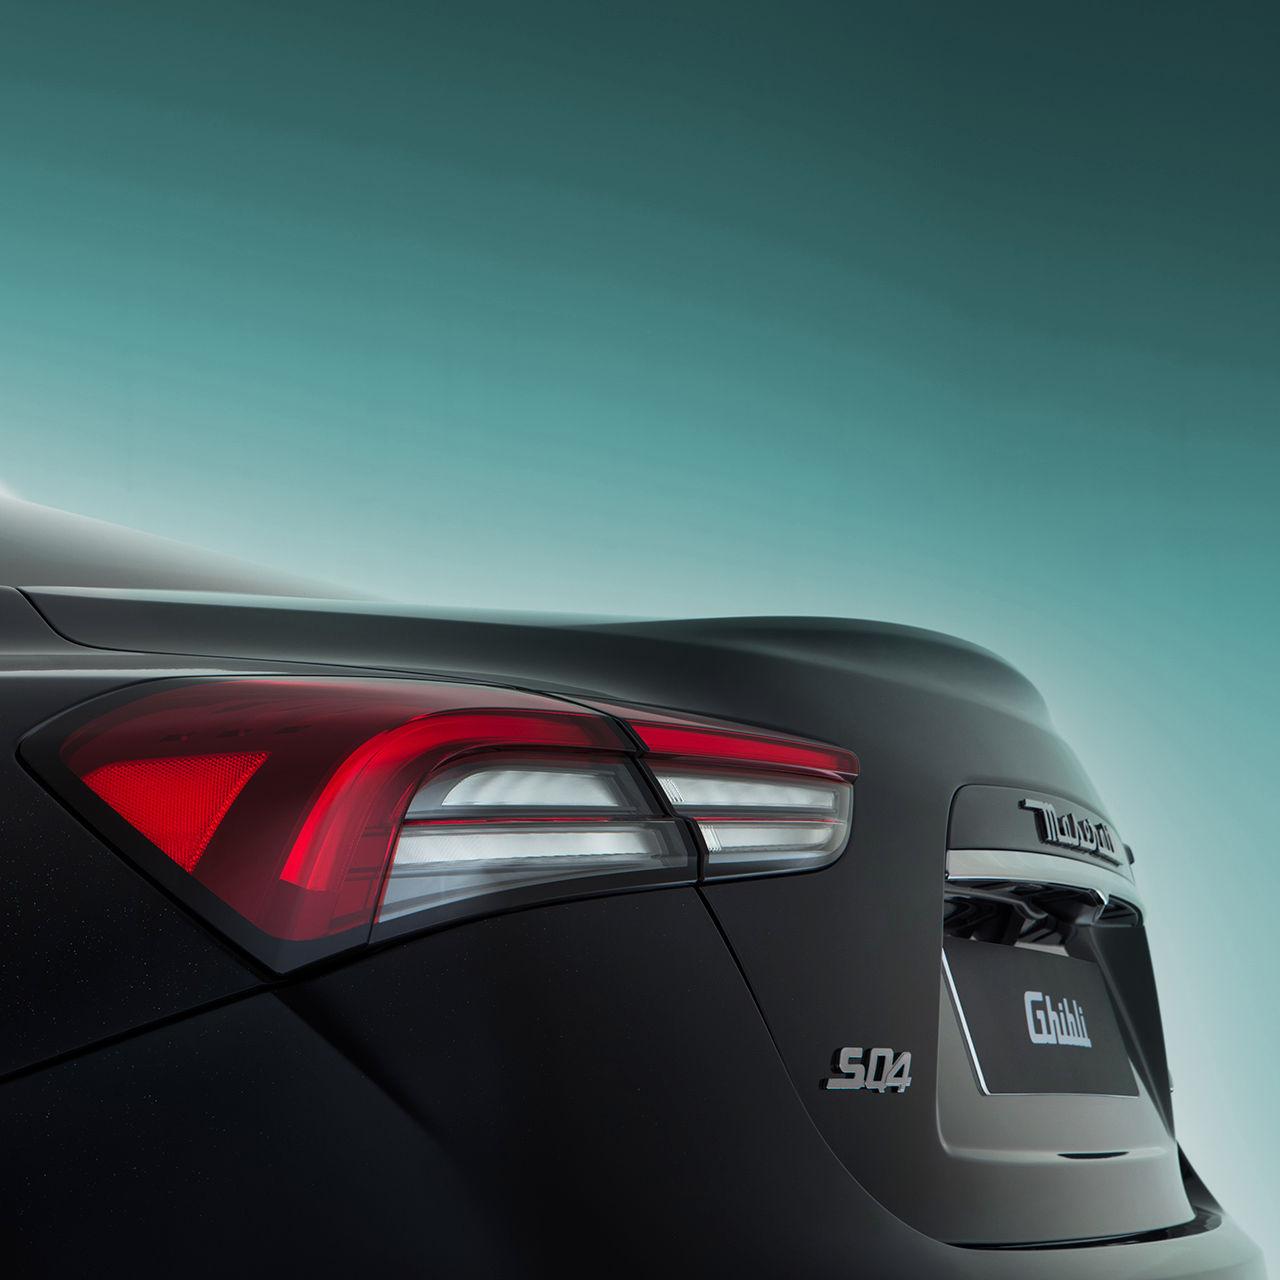 Maserati Ghibli - Scheinwerfer hinten - Design